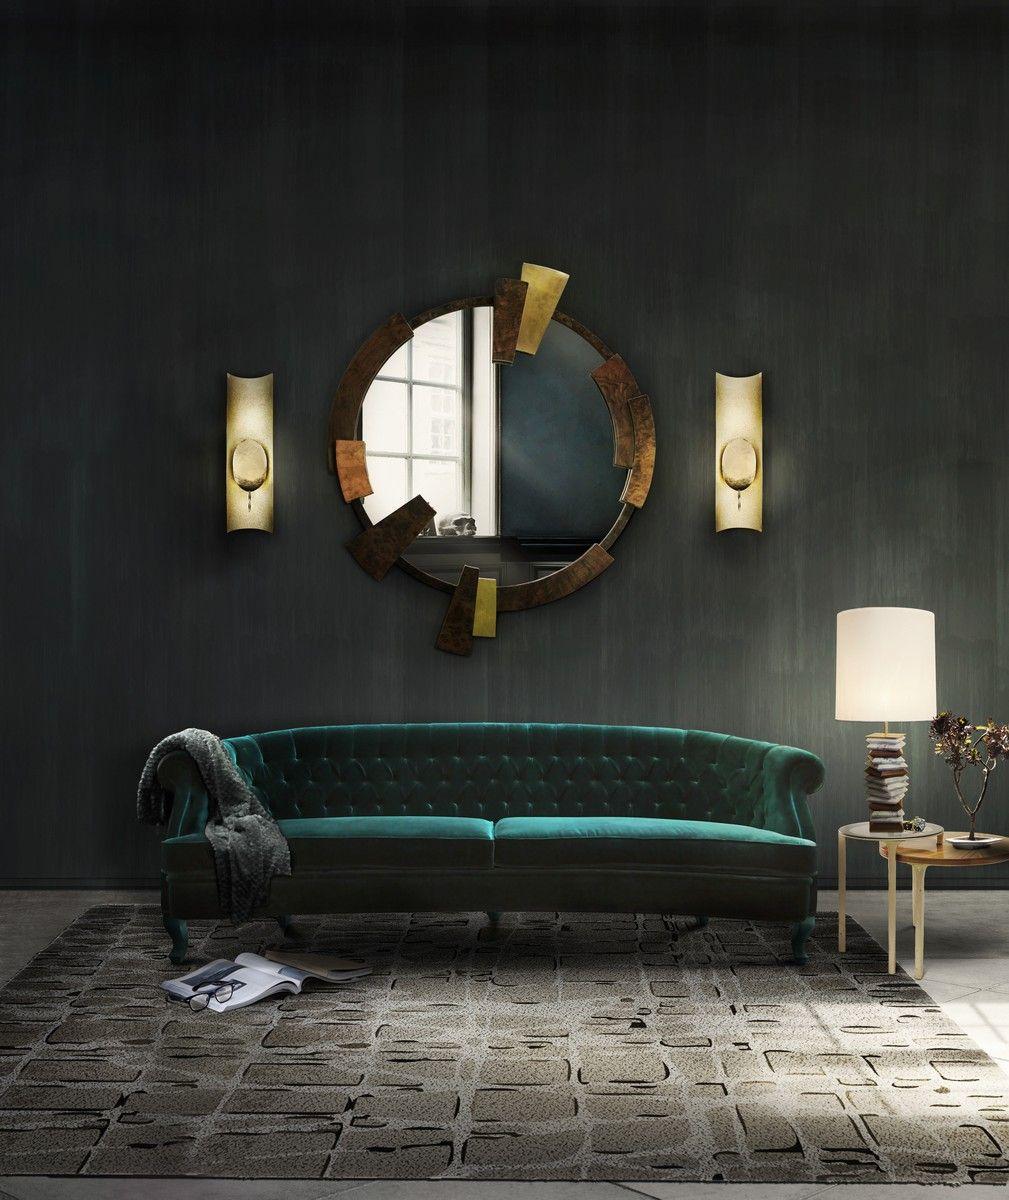 Velvet Sofa | Interior Design Inspiration | Accent Chair | #upholstery #velvet #velvetsofa Find more inspiration at: https://www.brabbu.com/en/inspiration-and-ideas/materials/trendiest-materials-home-decor-2017